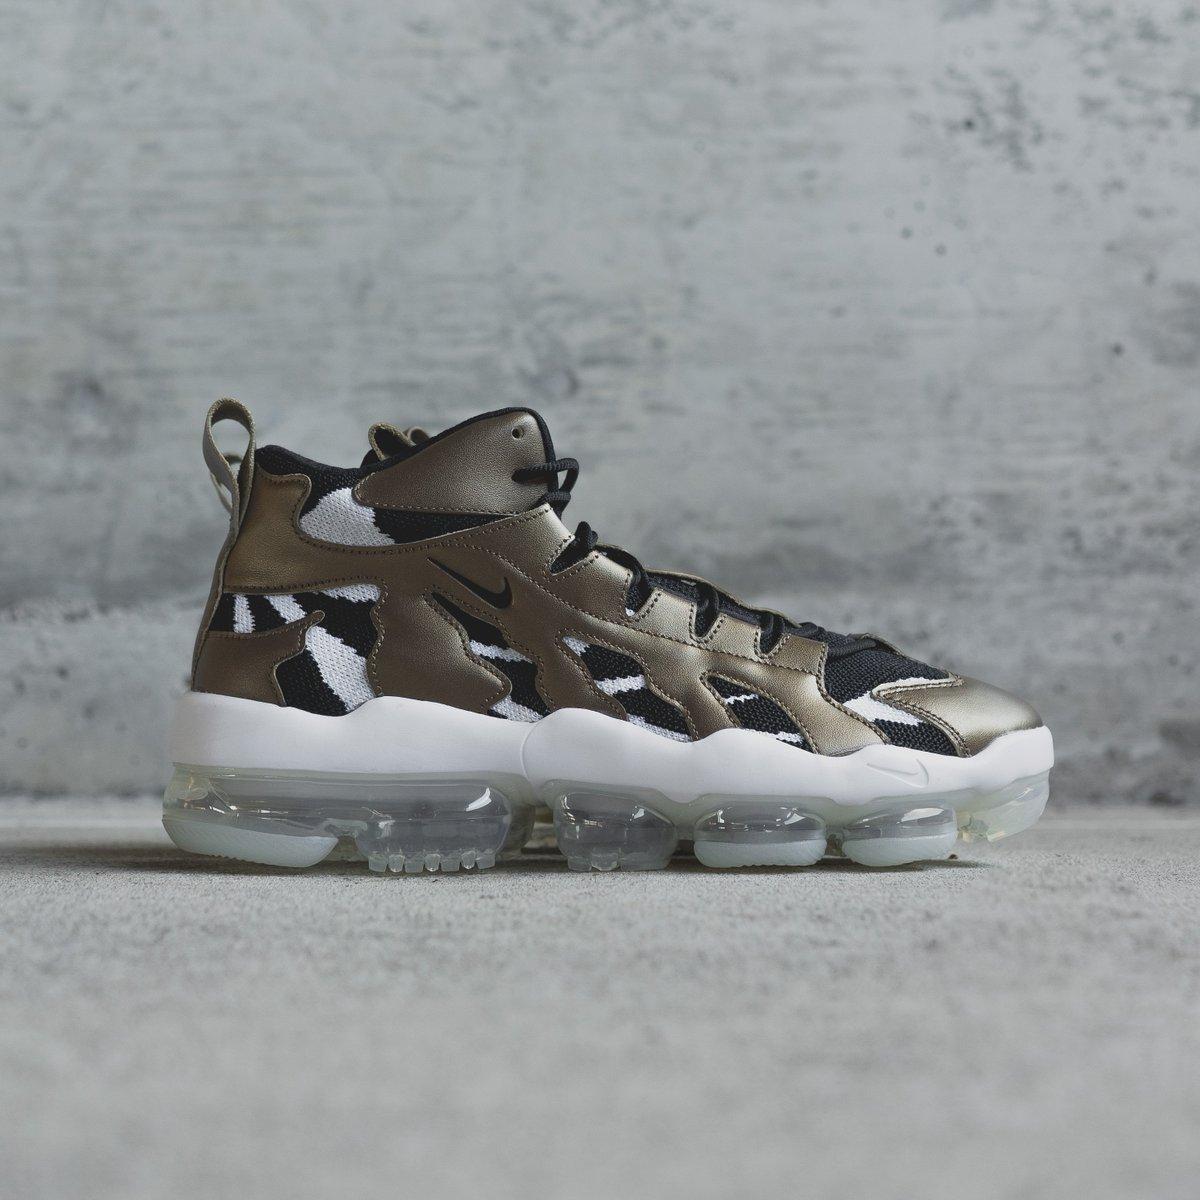 best sneakers 1b955 873e8 Hibbett Sports on Twitter